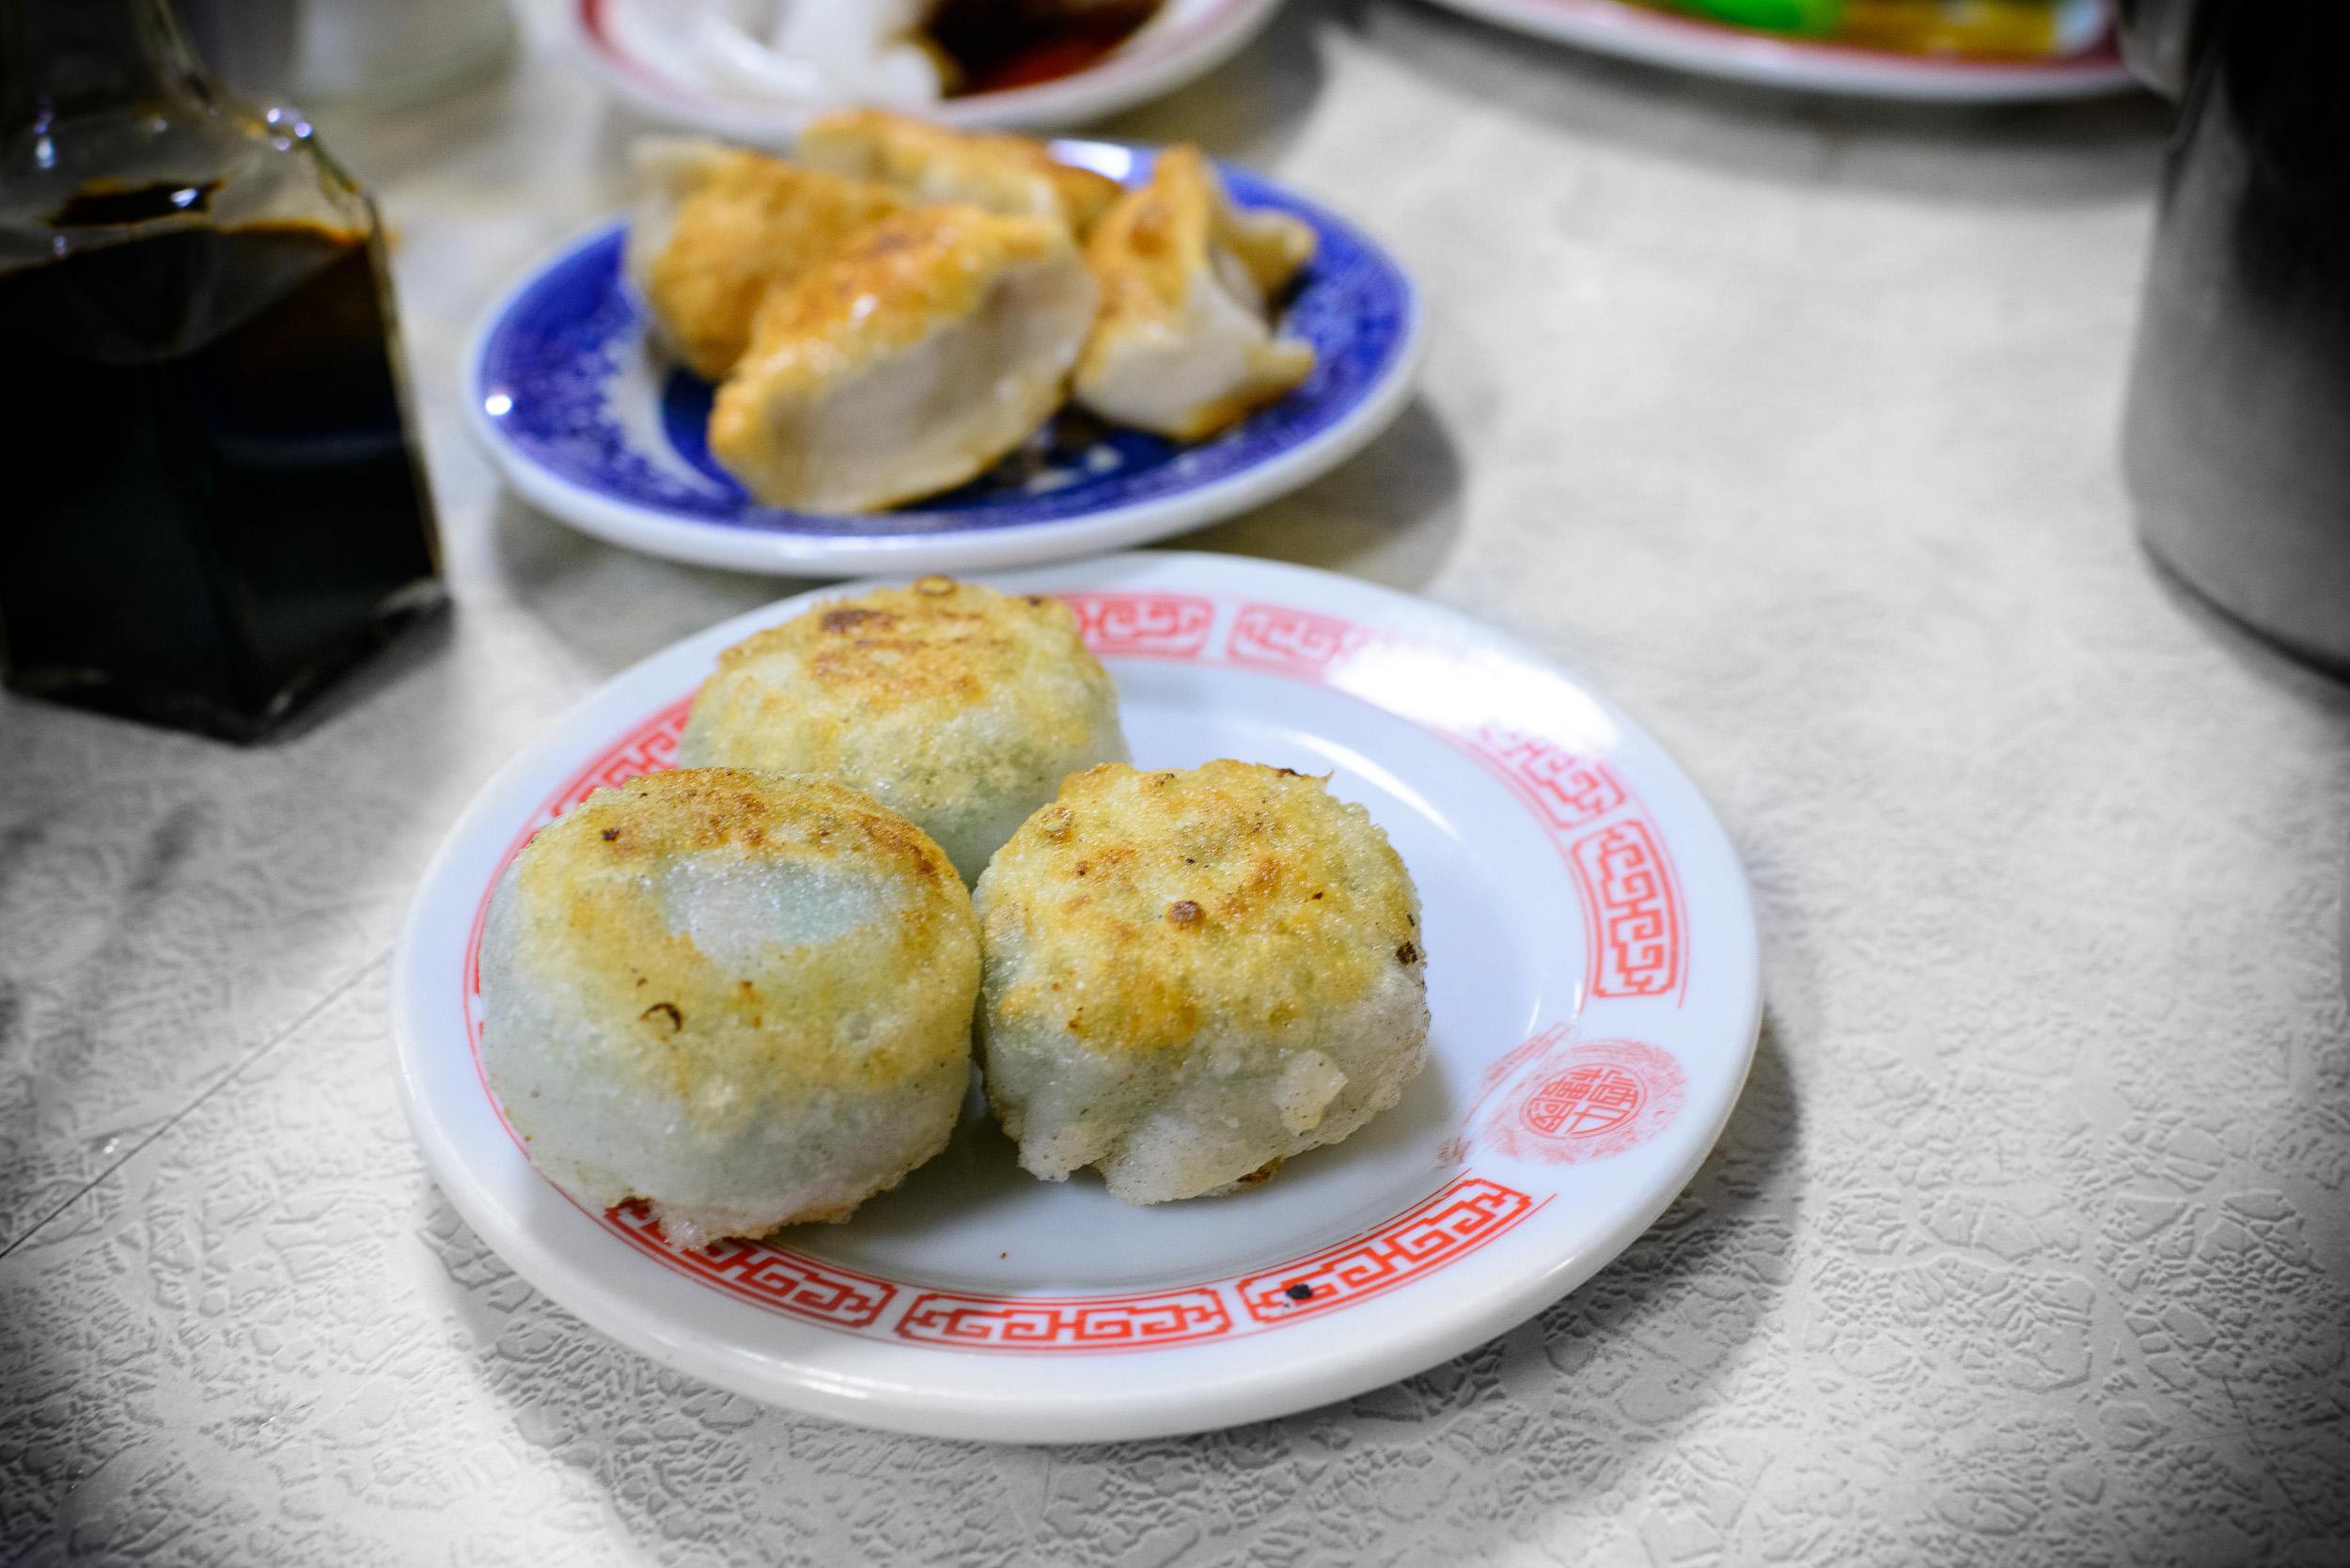 Shrimp and chive dumplings ($3.50)